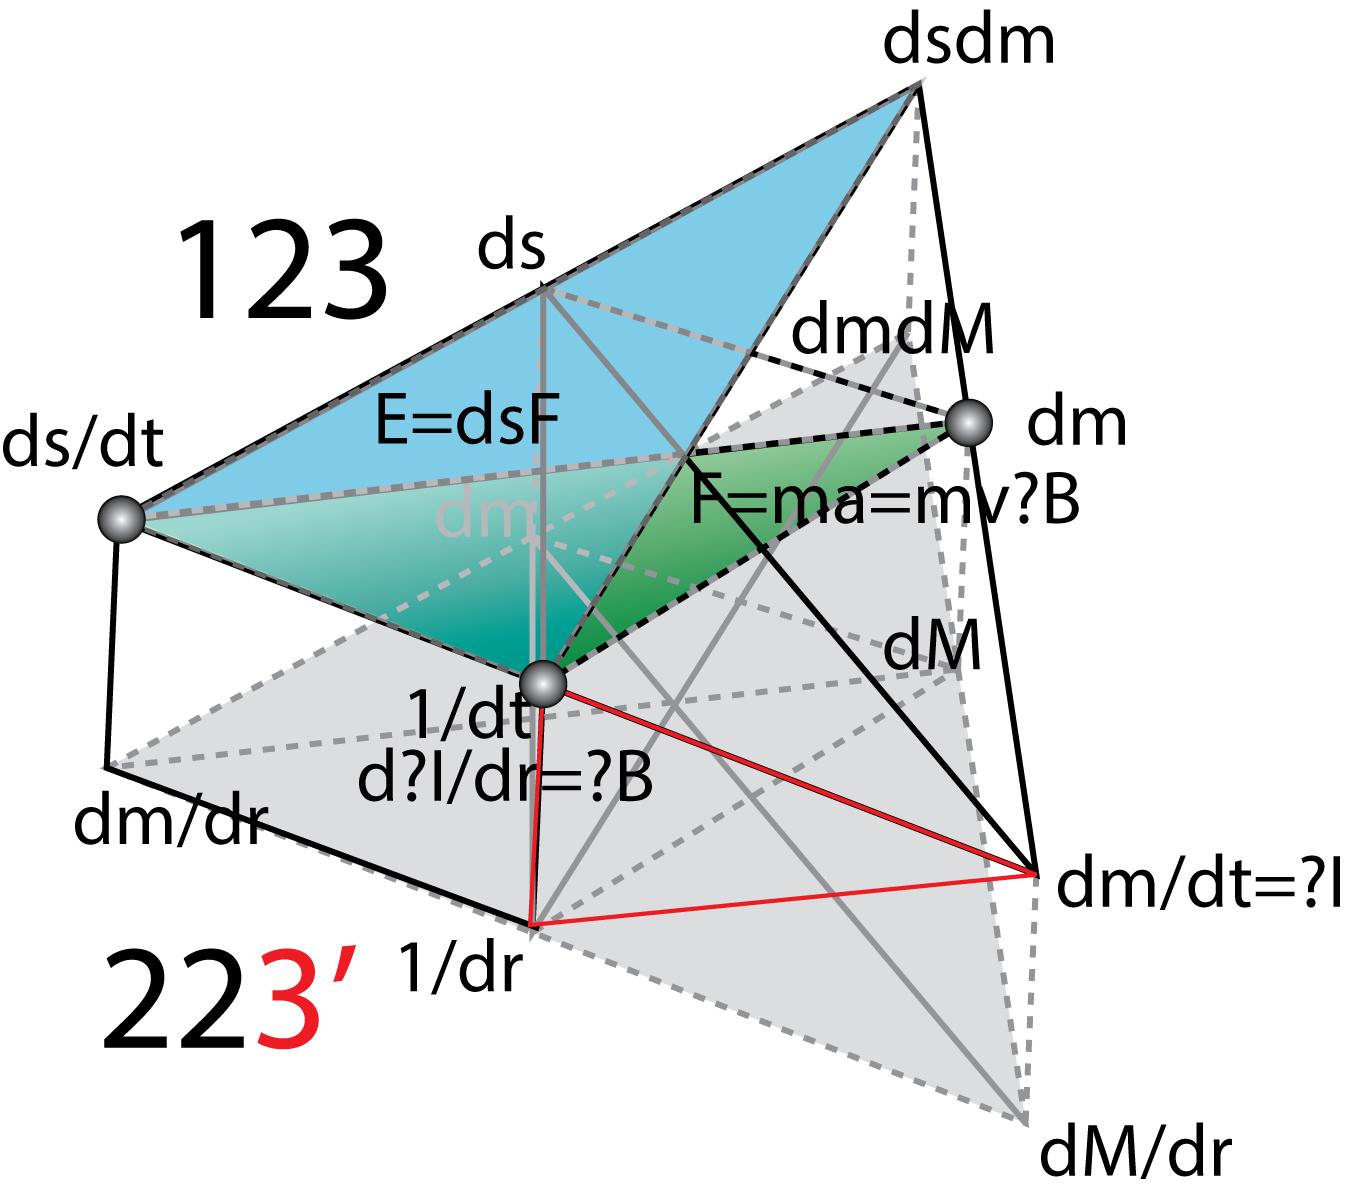 Рисунок 83. Определение силы гравитации.Смешиваем два пространства (123: dsdm/dt и 223': dmdM/dr) в новый концепт (dsdm?